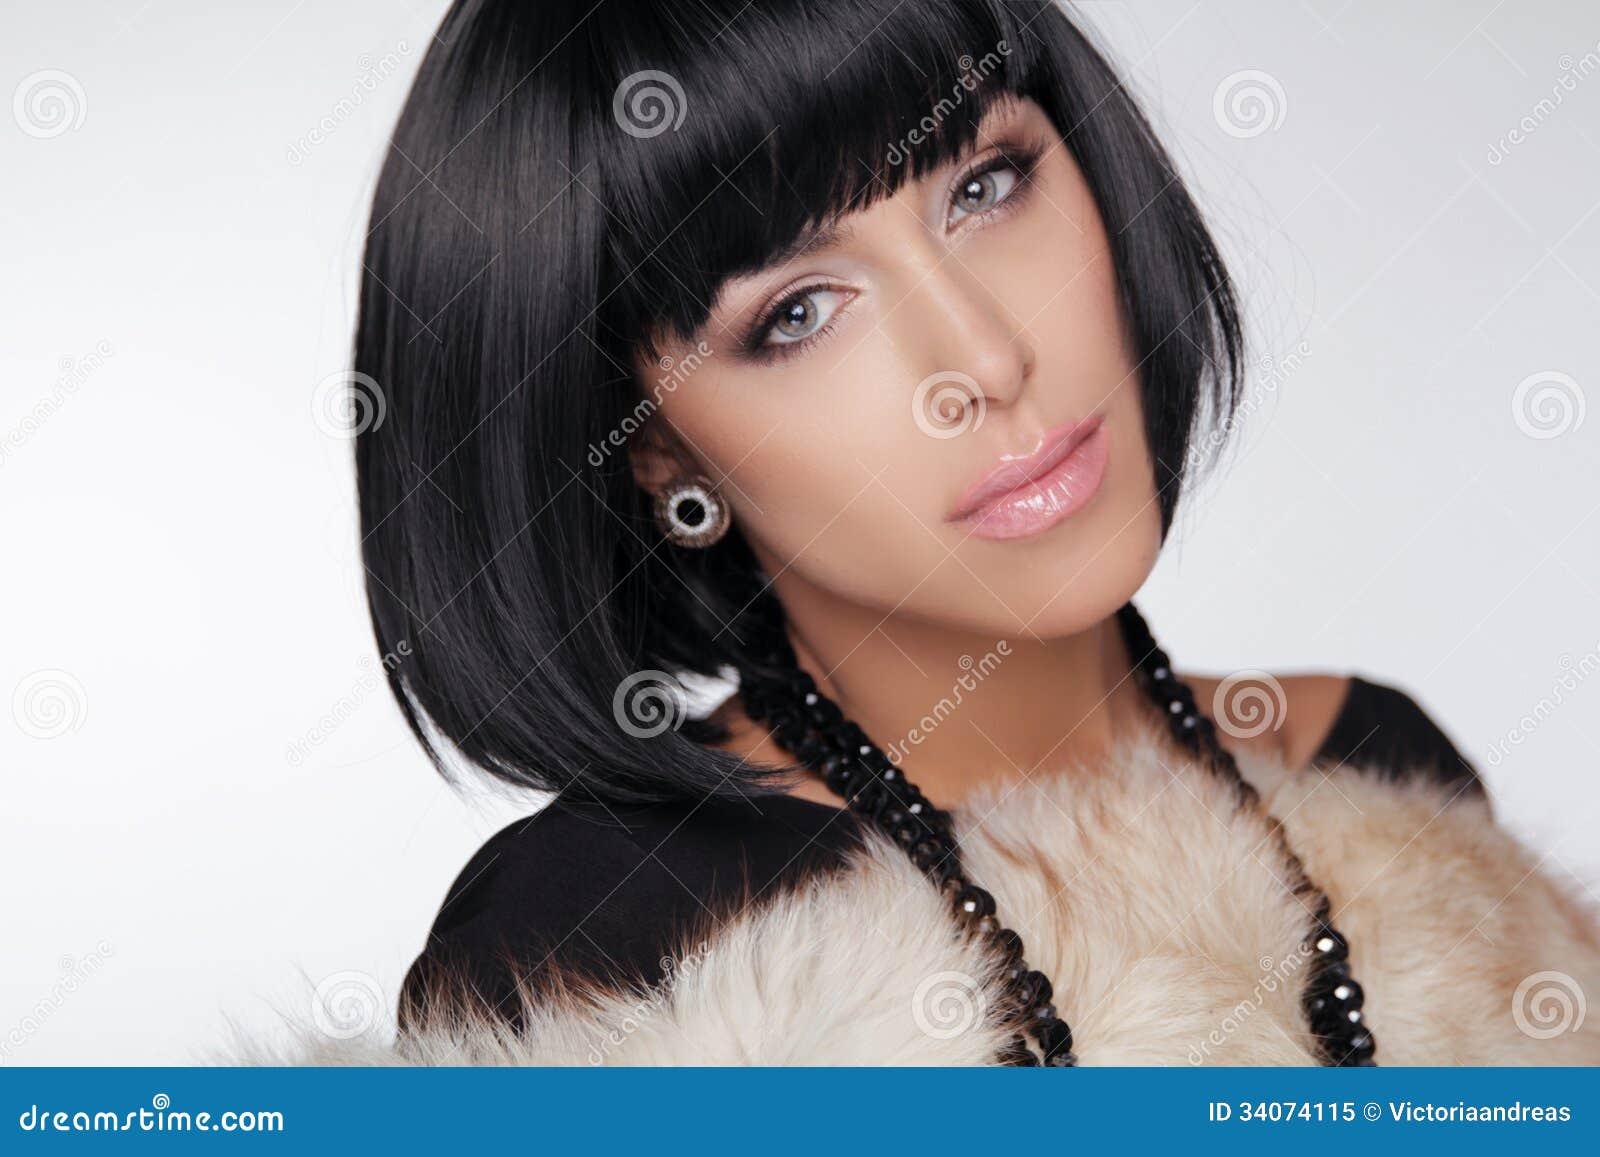 Fashion Beauty Girl. Brunette Woman Portrait. Royalty Free